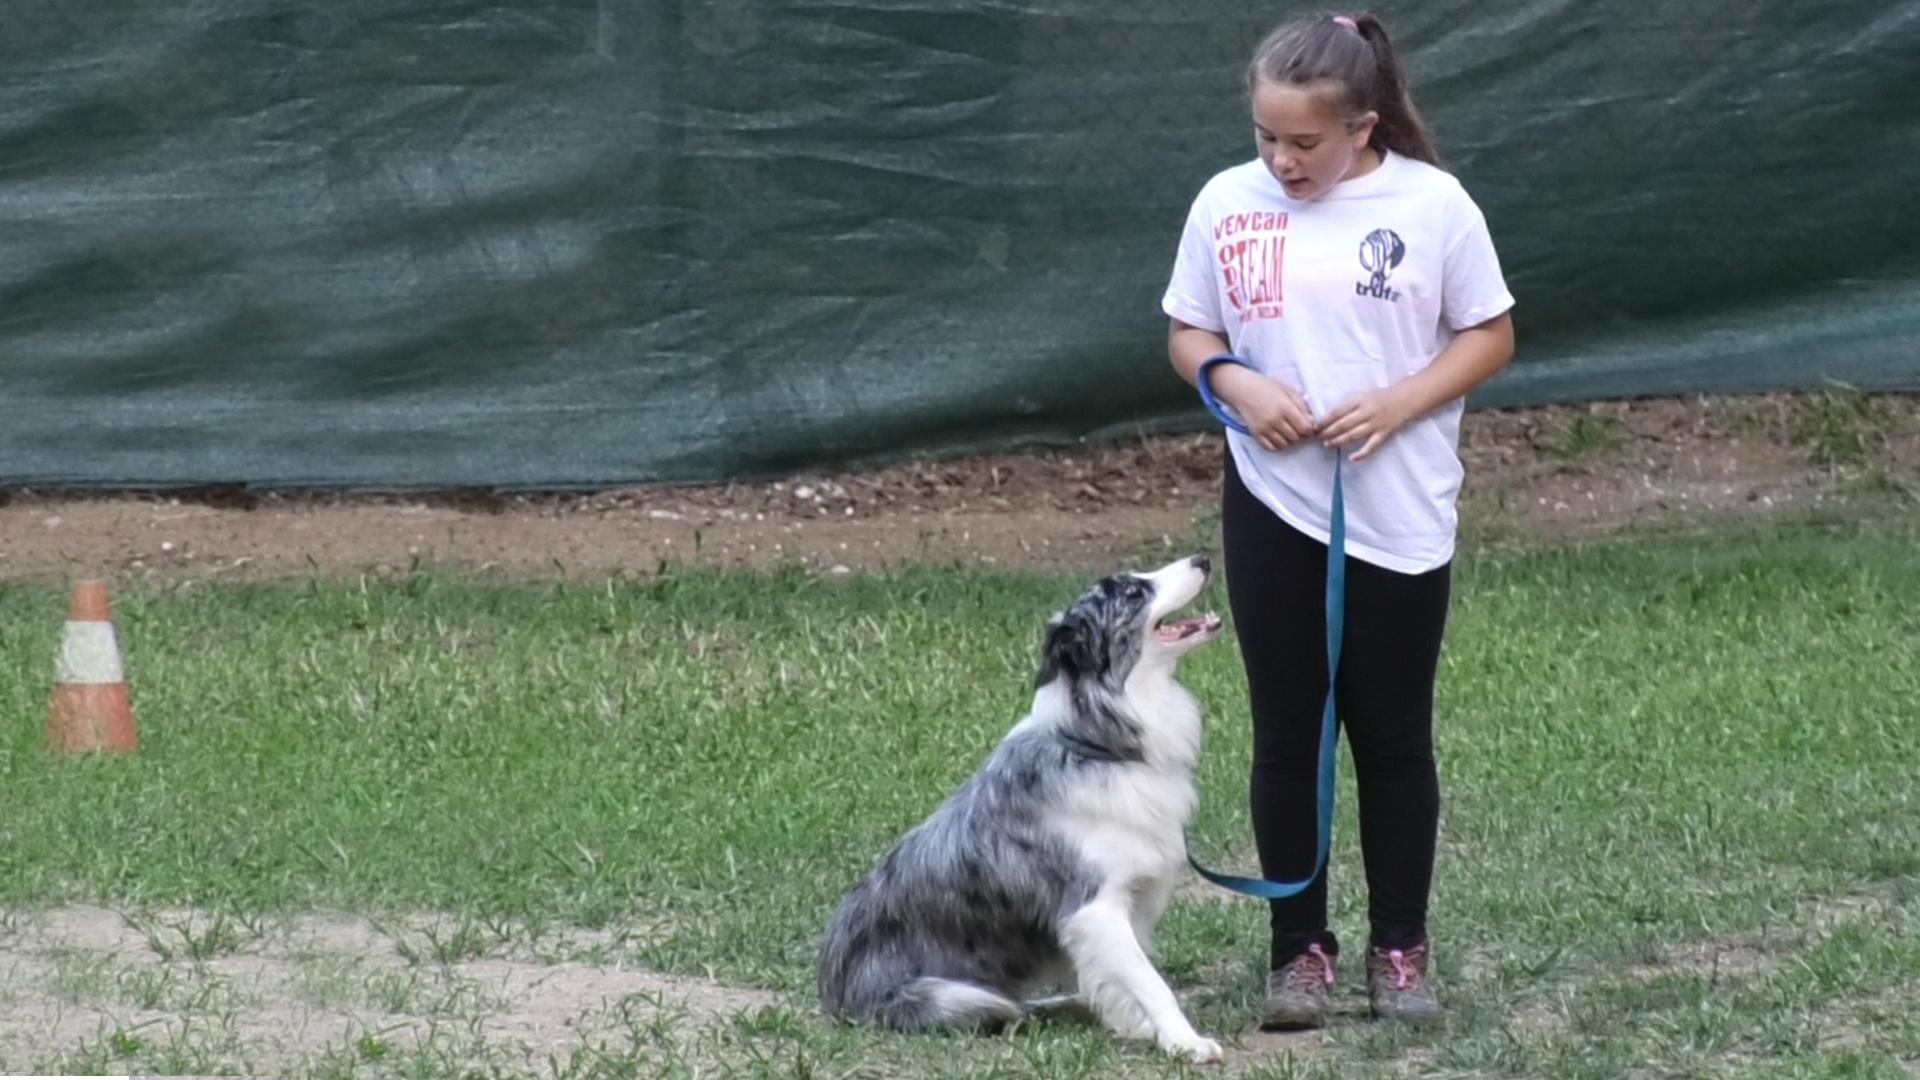 NOU REPORTATGE: Concurs d'obediència canina al Club Vencan d'Arenys de Munt